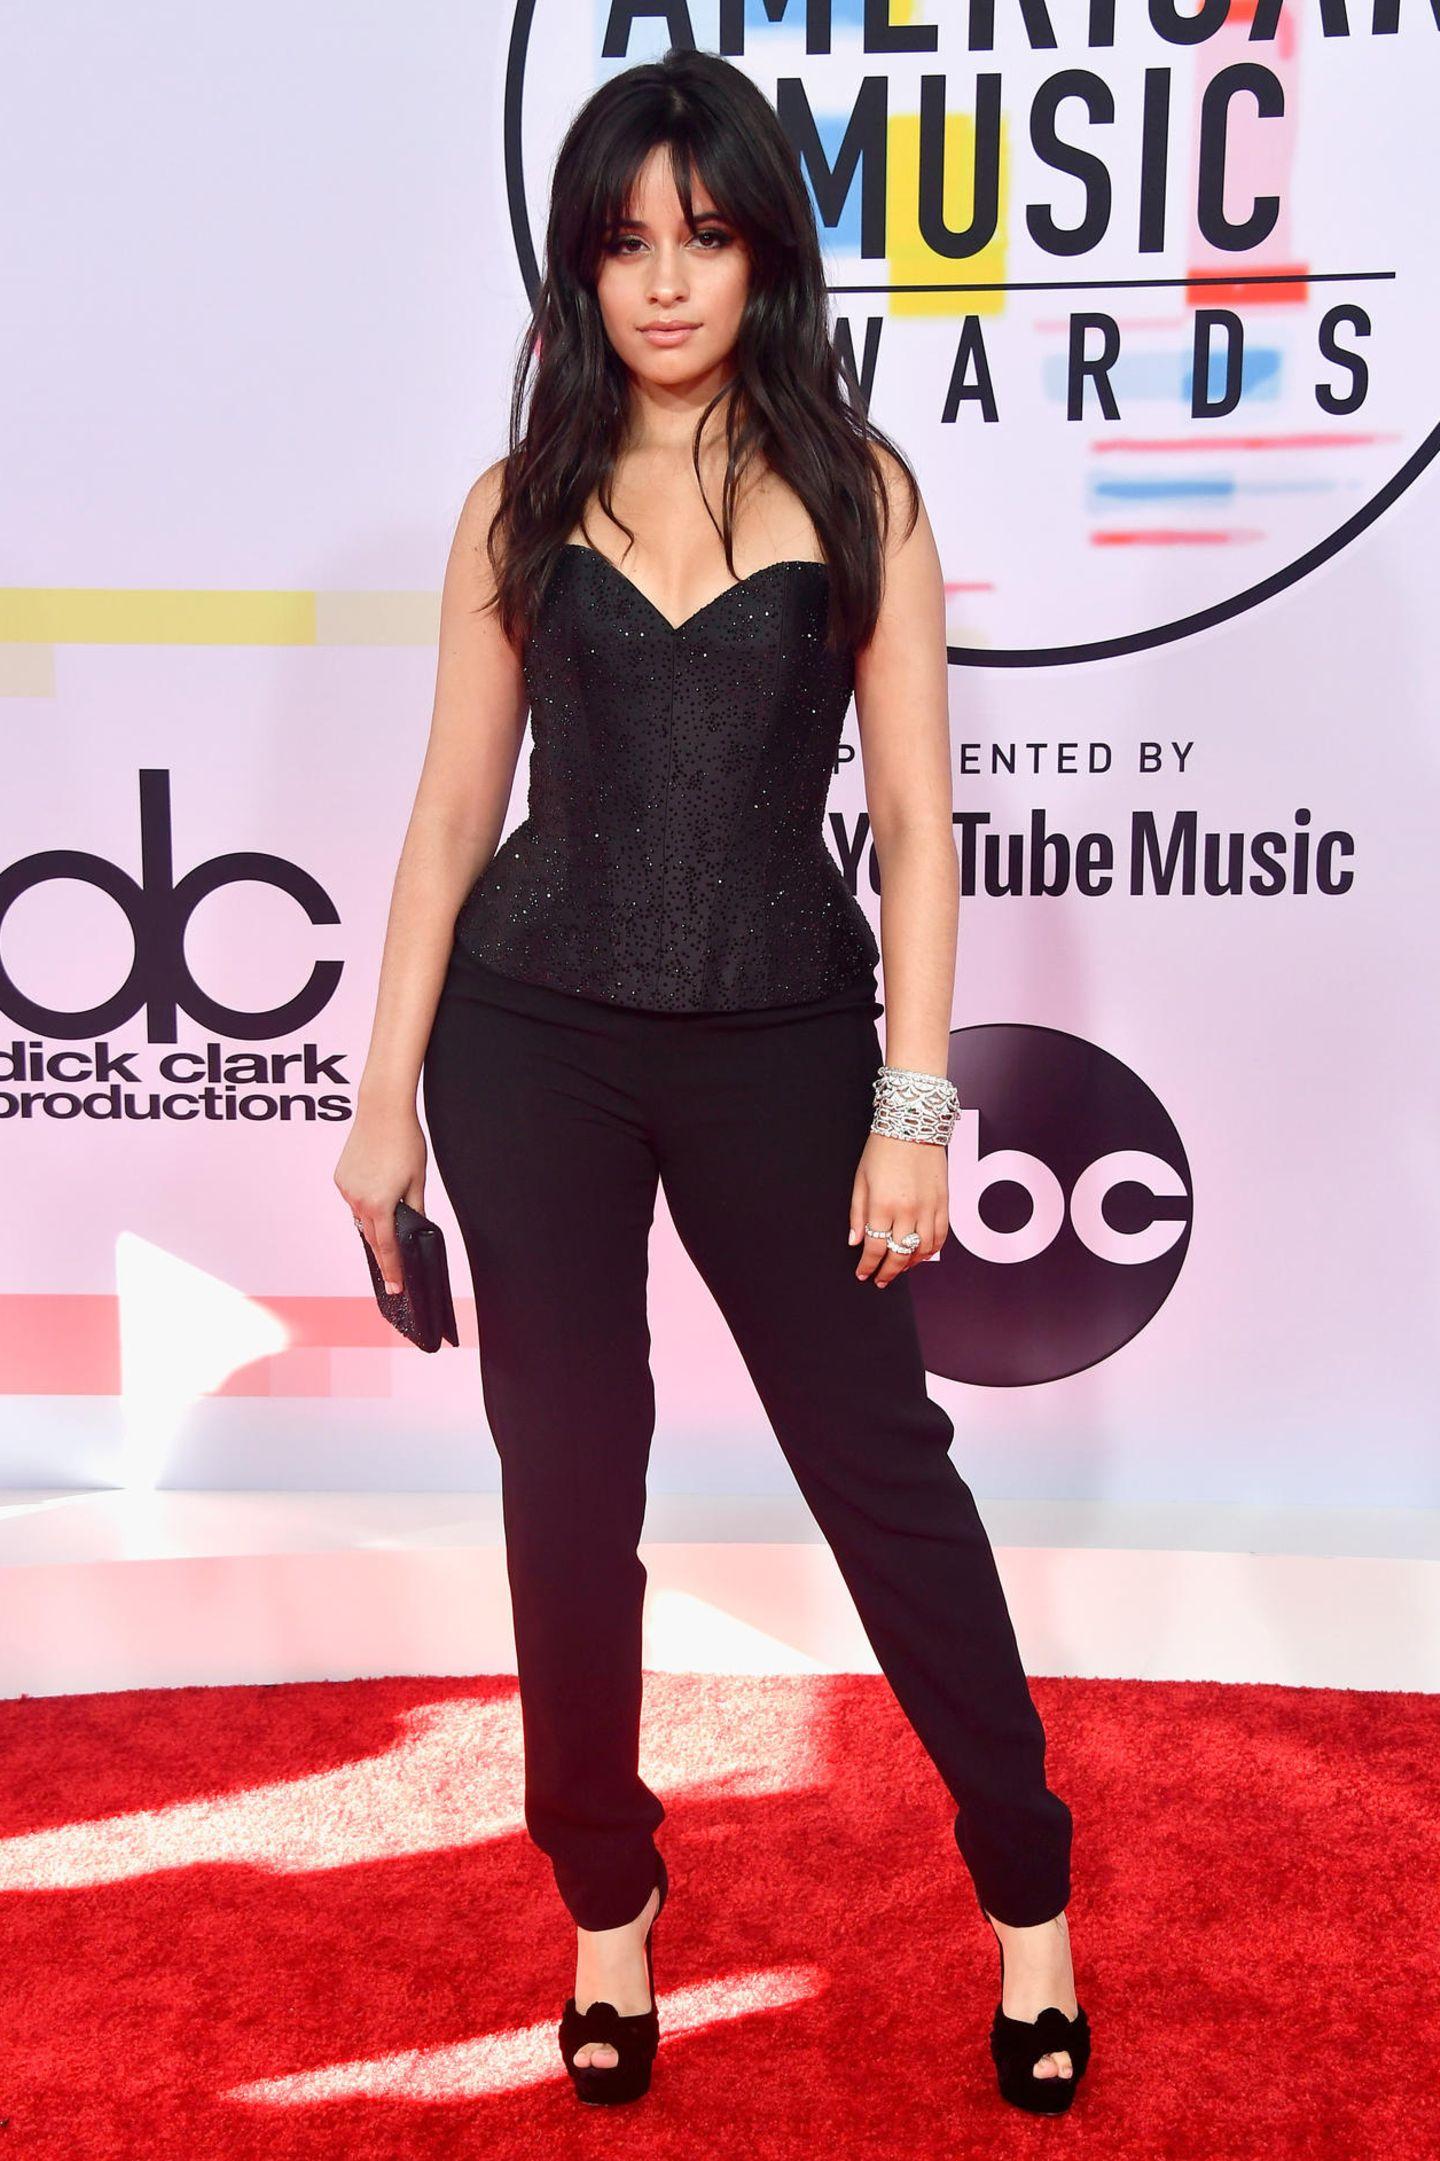 Schlicht hält es Camila Cabello. Sie präsentiert sich bei den American Music Awards in einer Kombination aus Corsage und Hose. Lediglich die Glitzersteinchen auf dem Oberteil bringen den Red-Carpet-Touch.